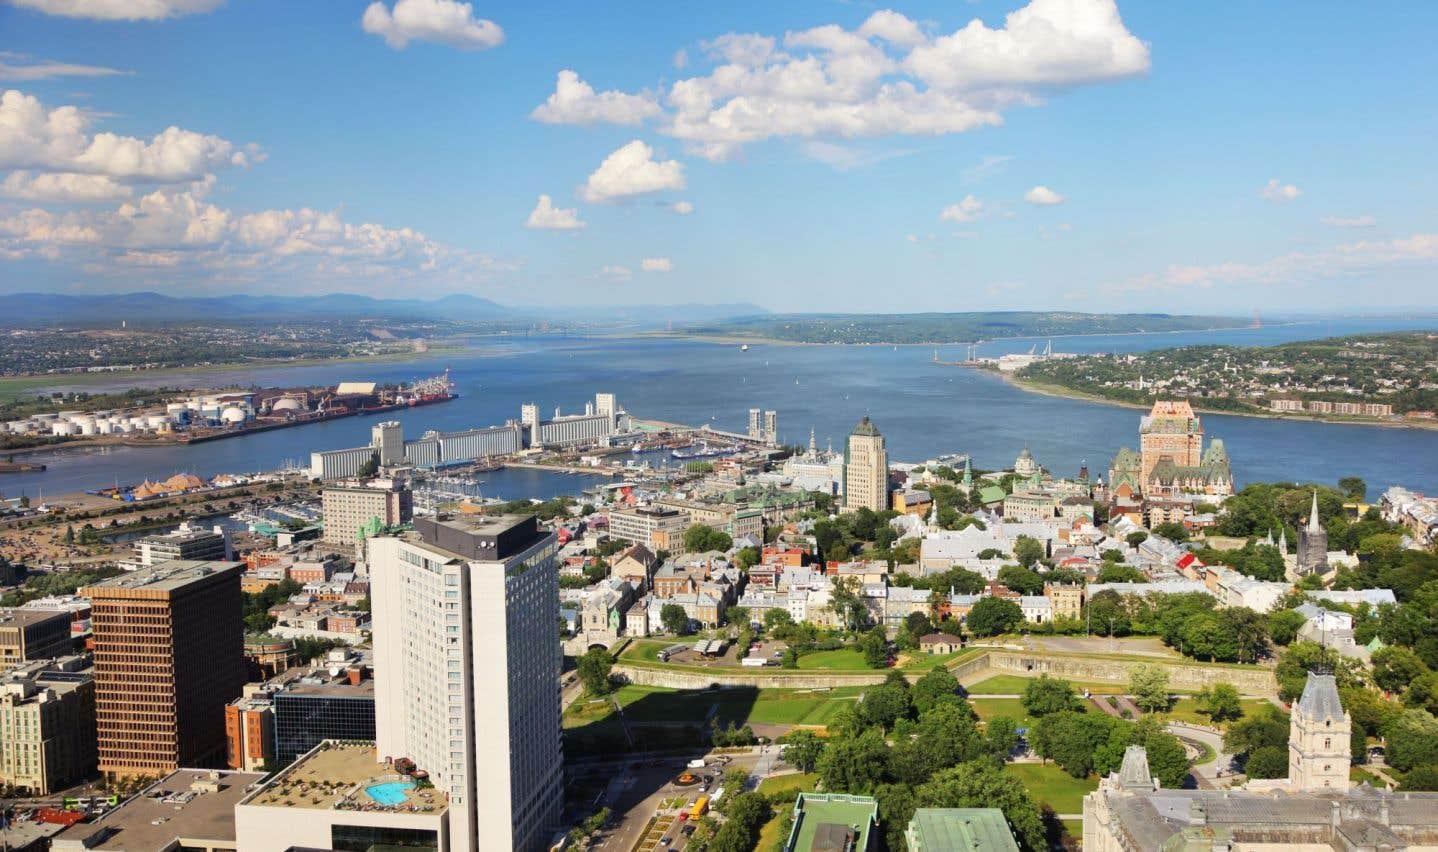 Le mystère de Québec: les moins bien nantis rejettent la gauche